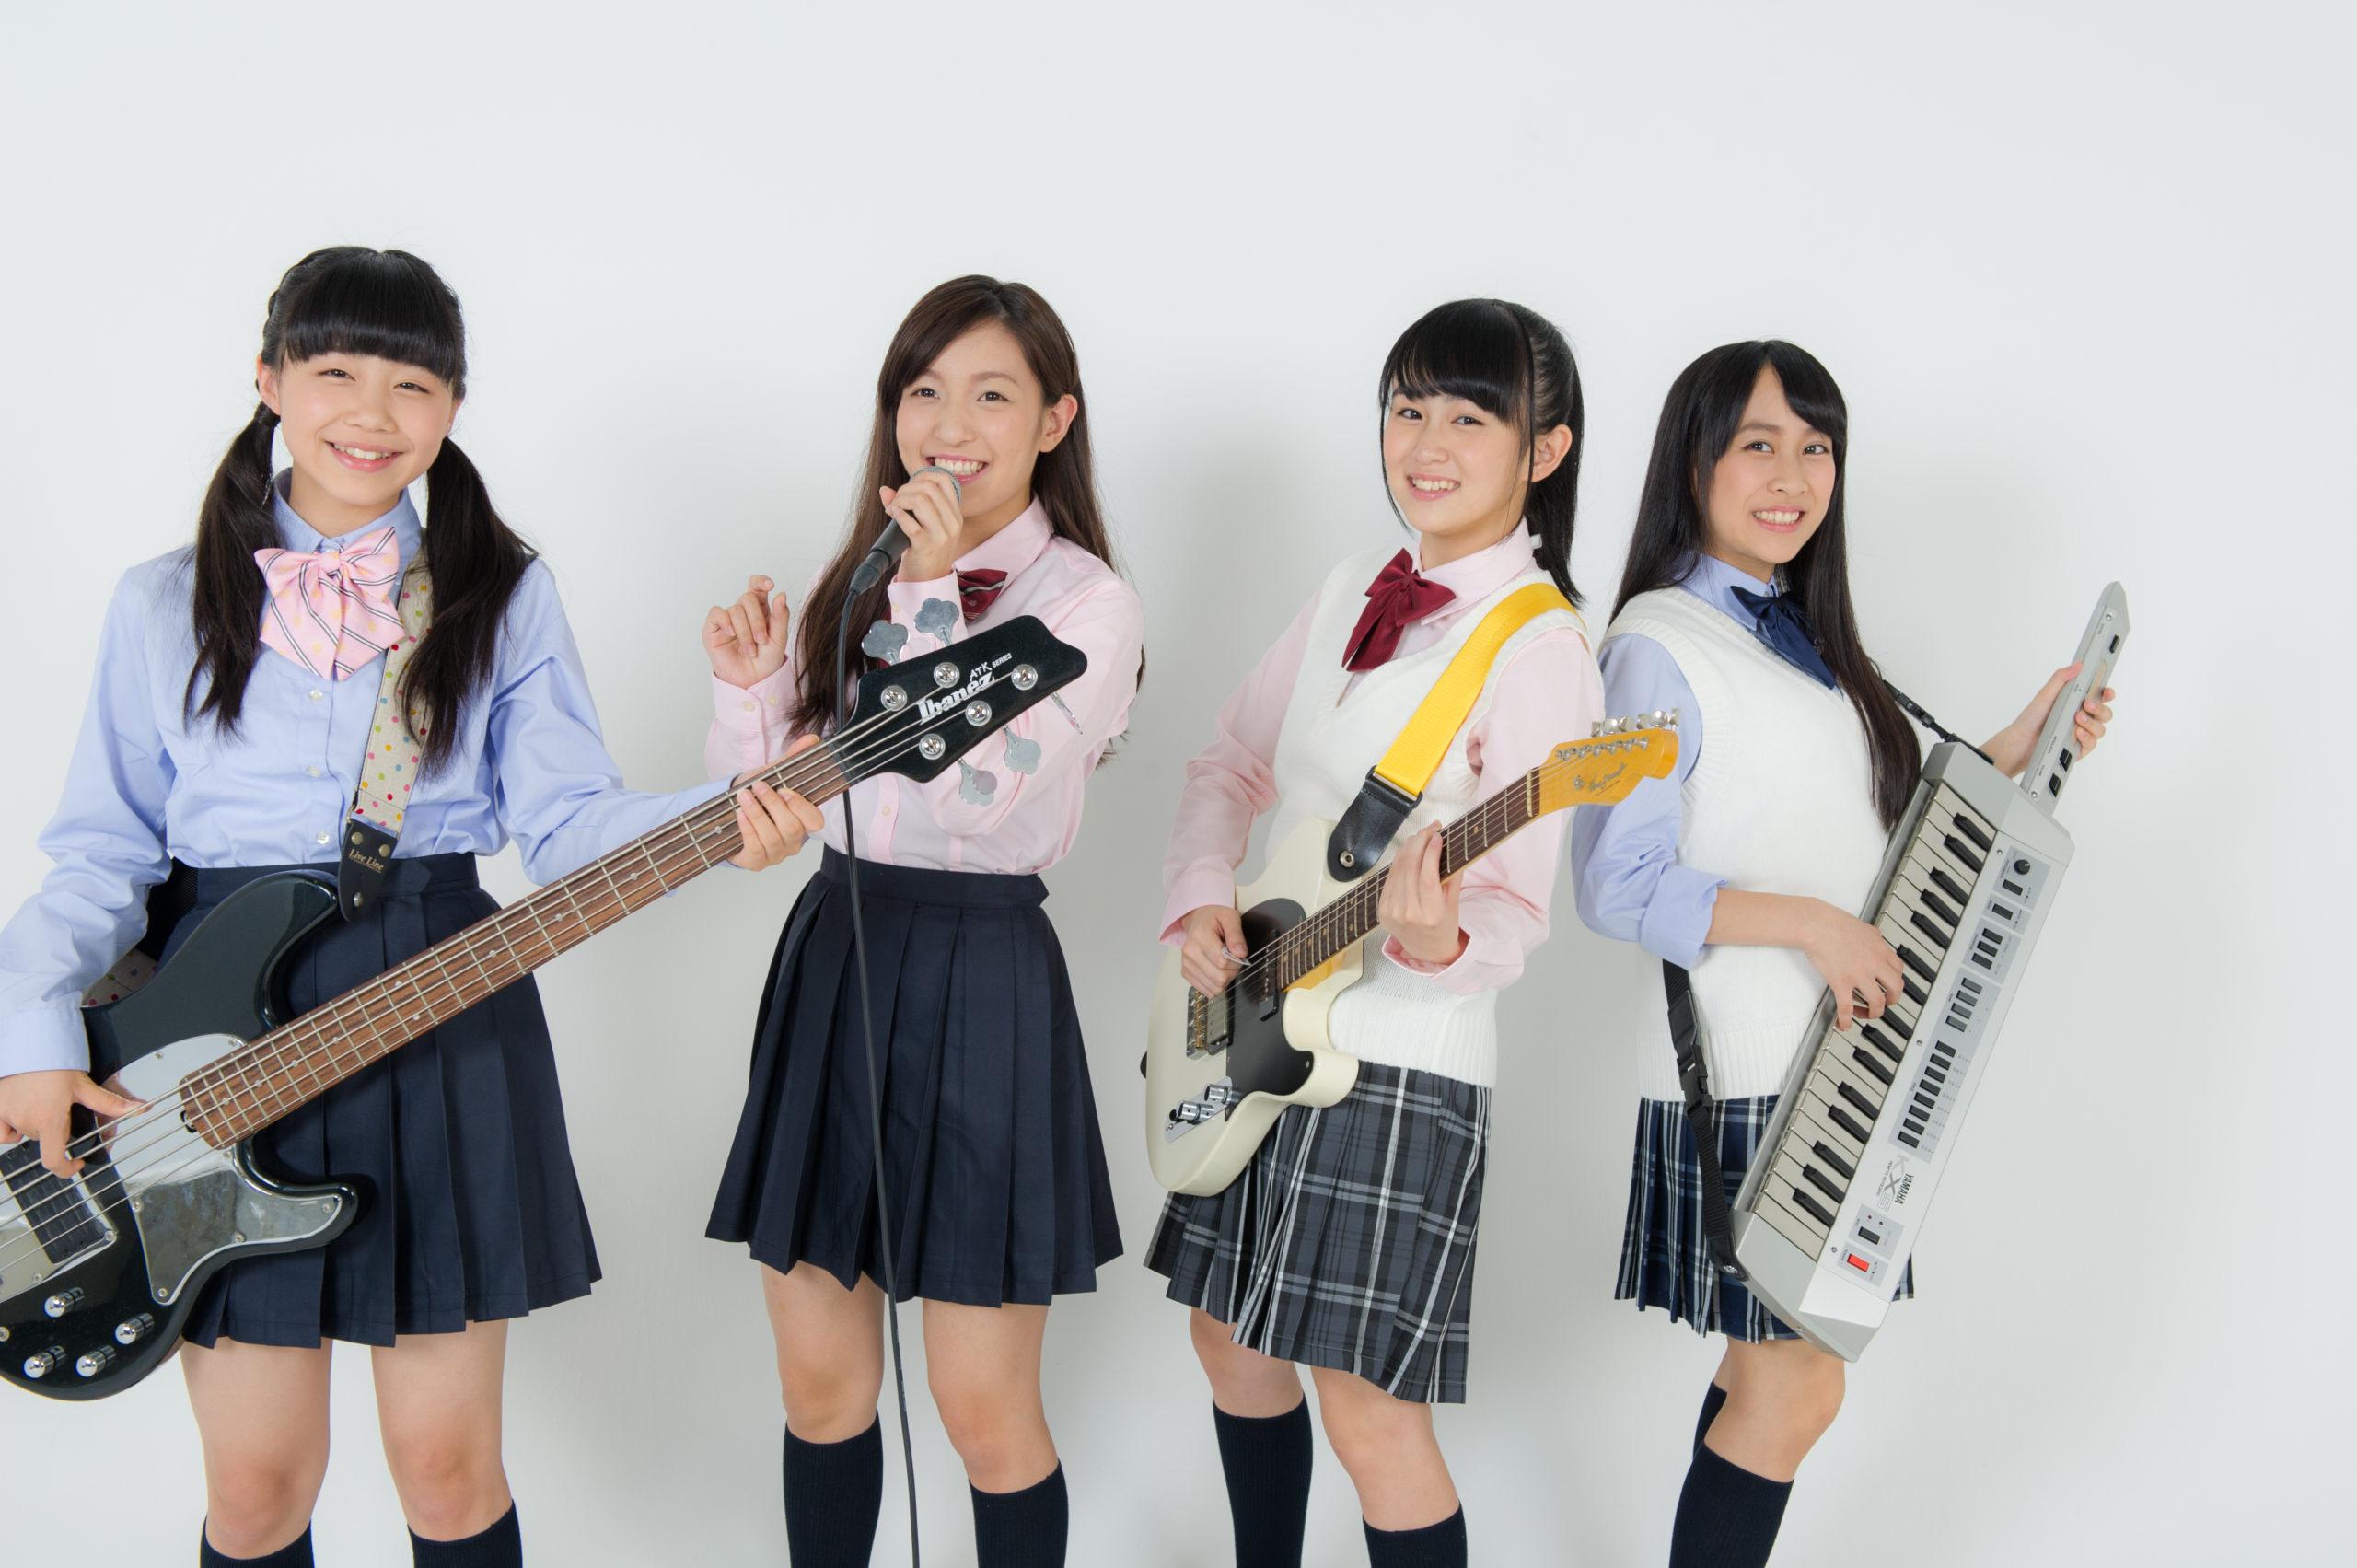 芸能活動コースは精華学園の東京ボイス校へ